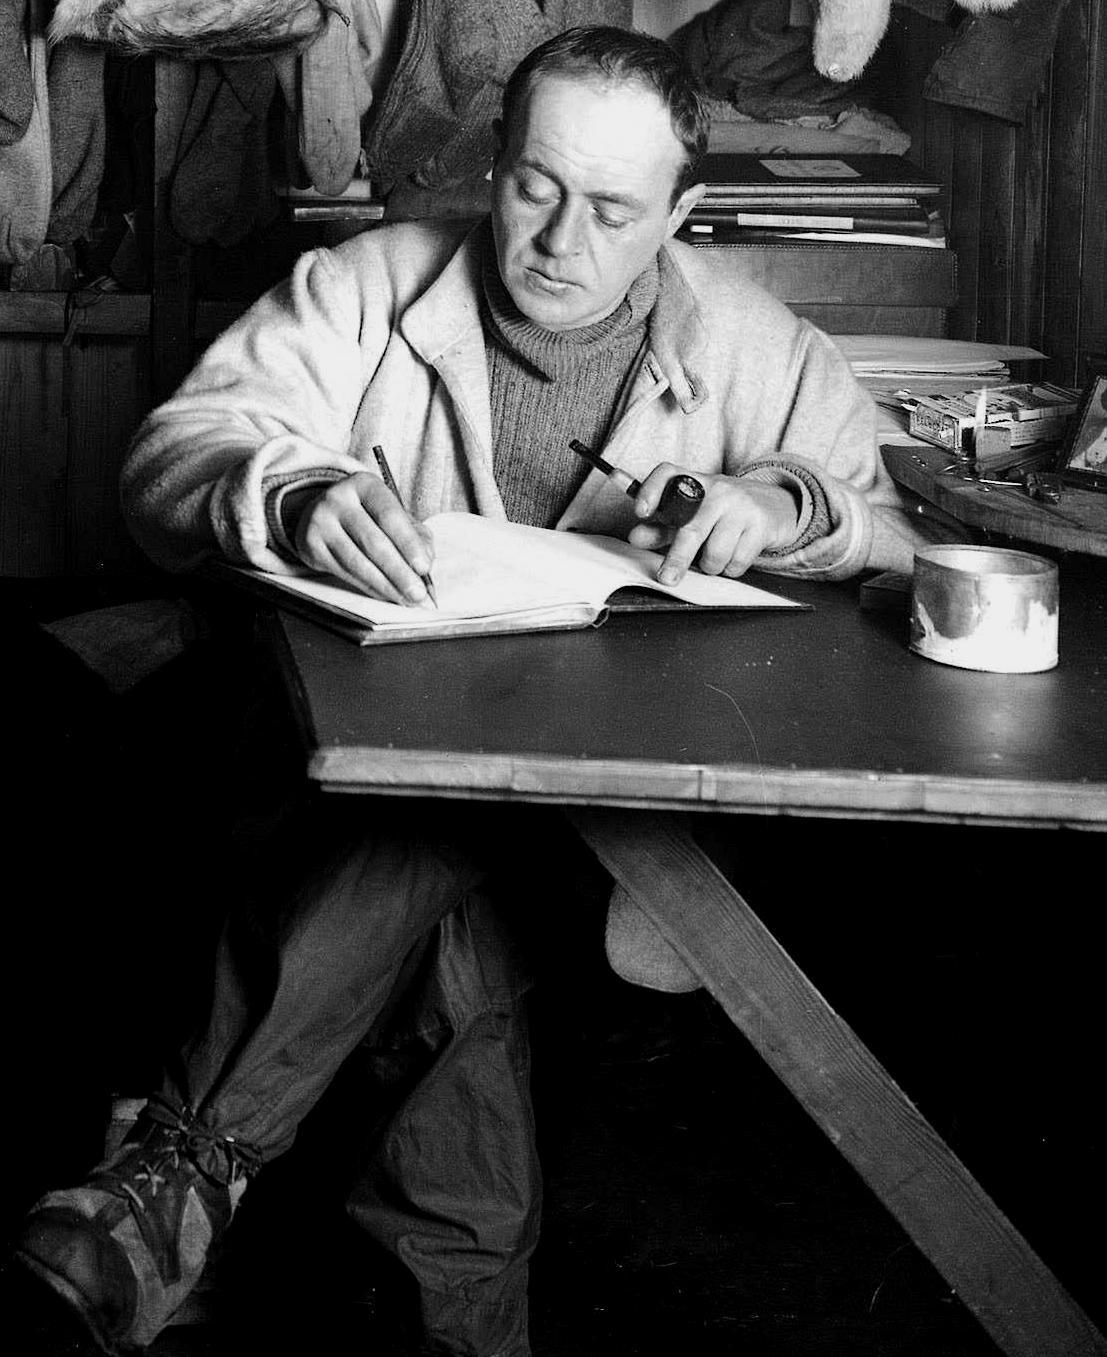 Роберт Скотт: биография, творчество, карьера, личная жизнь